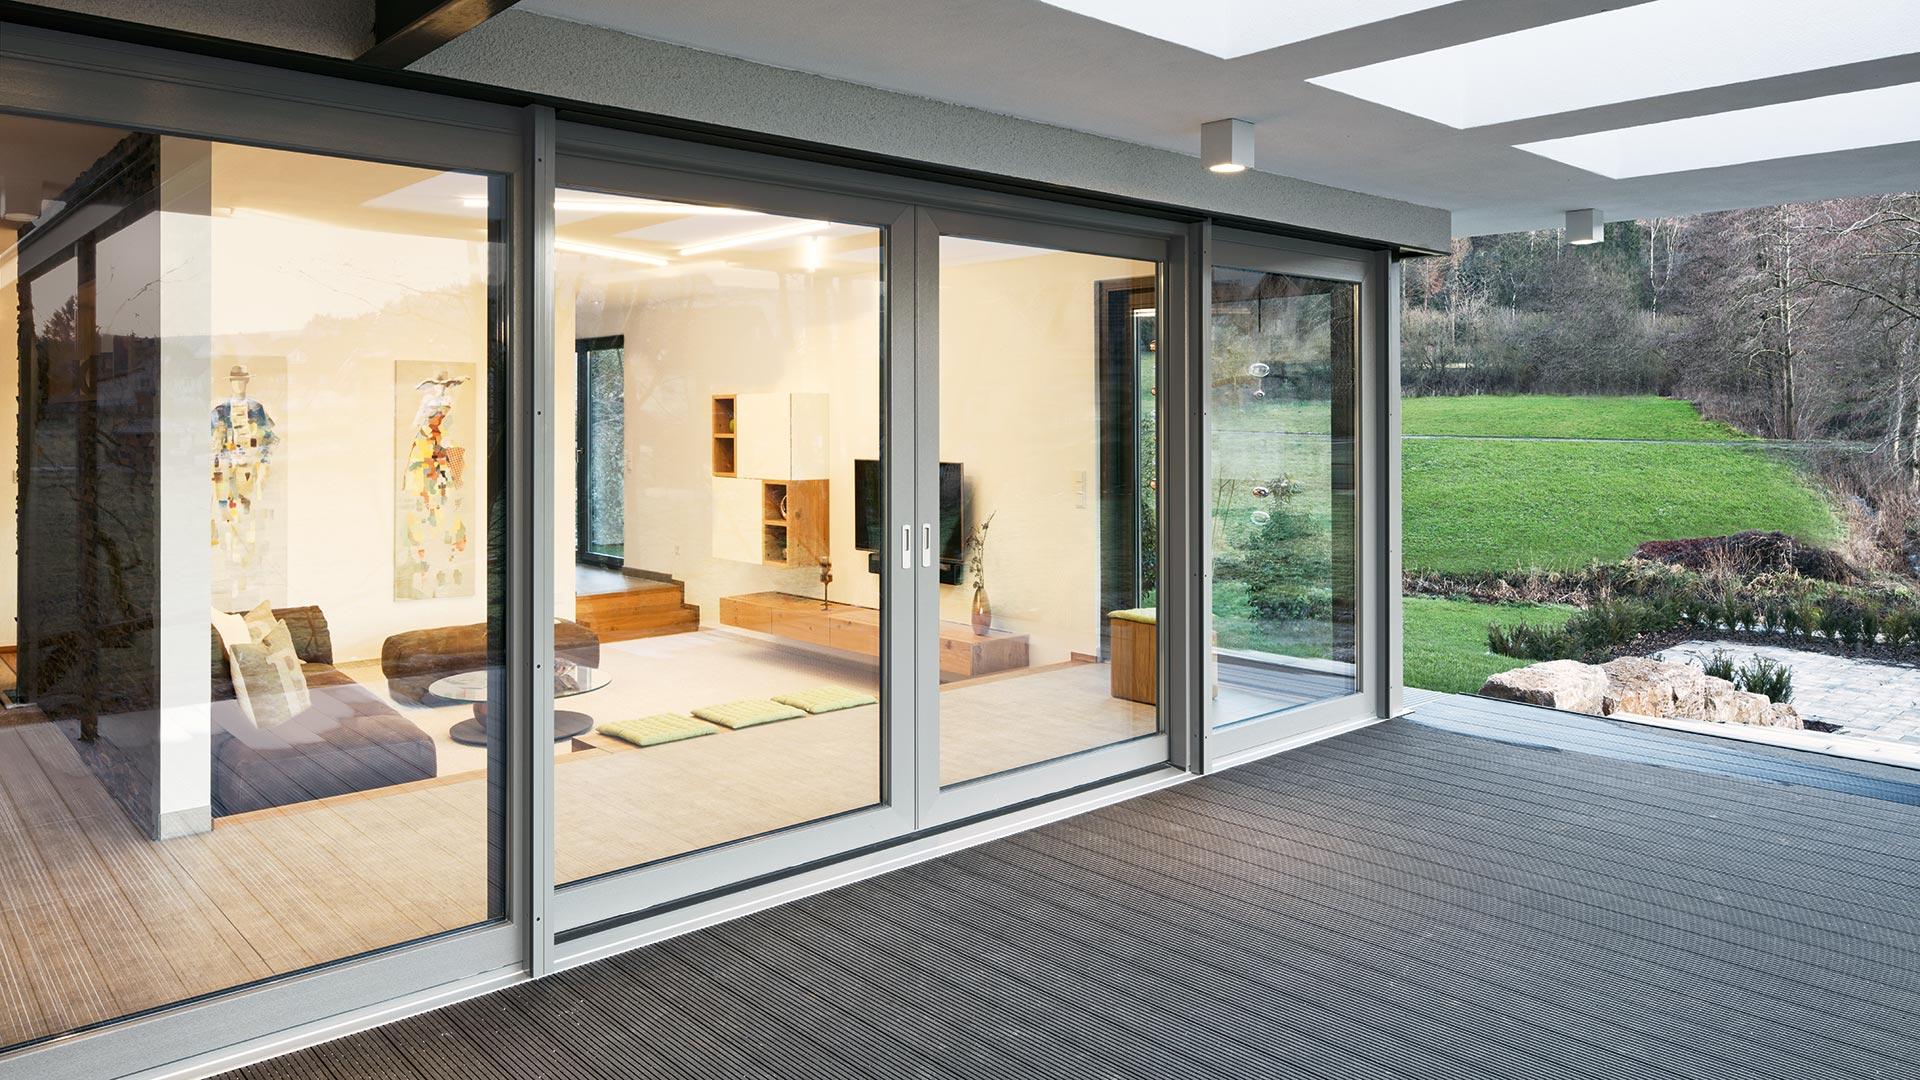 Full Size of Sauer Fensterbau Gmbh Eigene Produktion Von Kunststoff Fenster Fenster.de